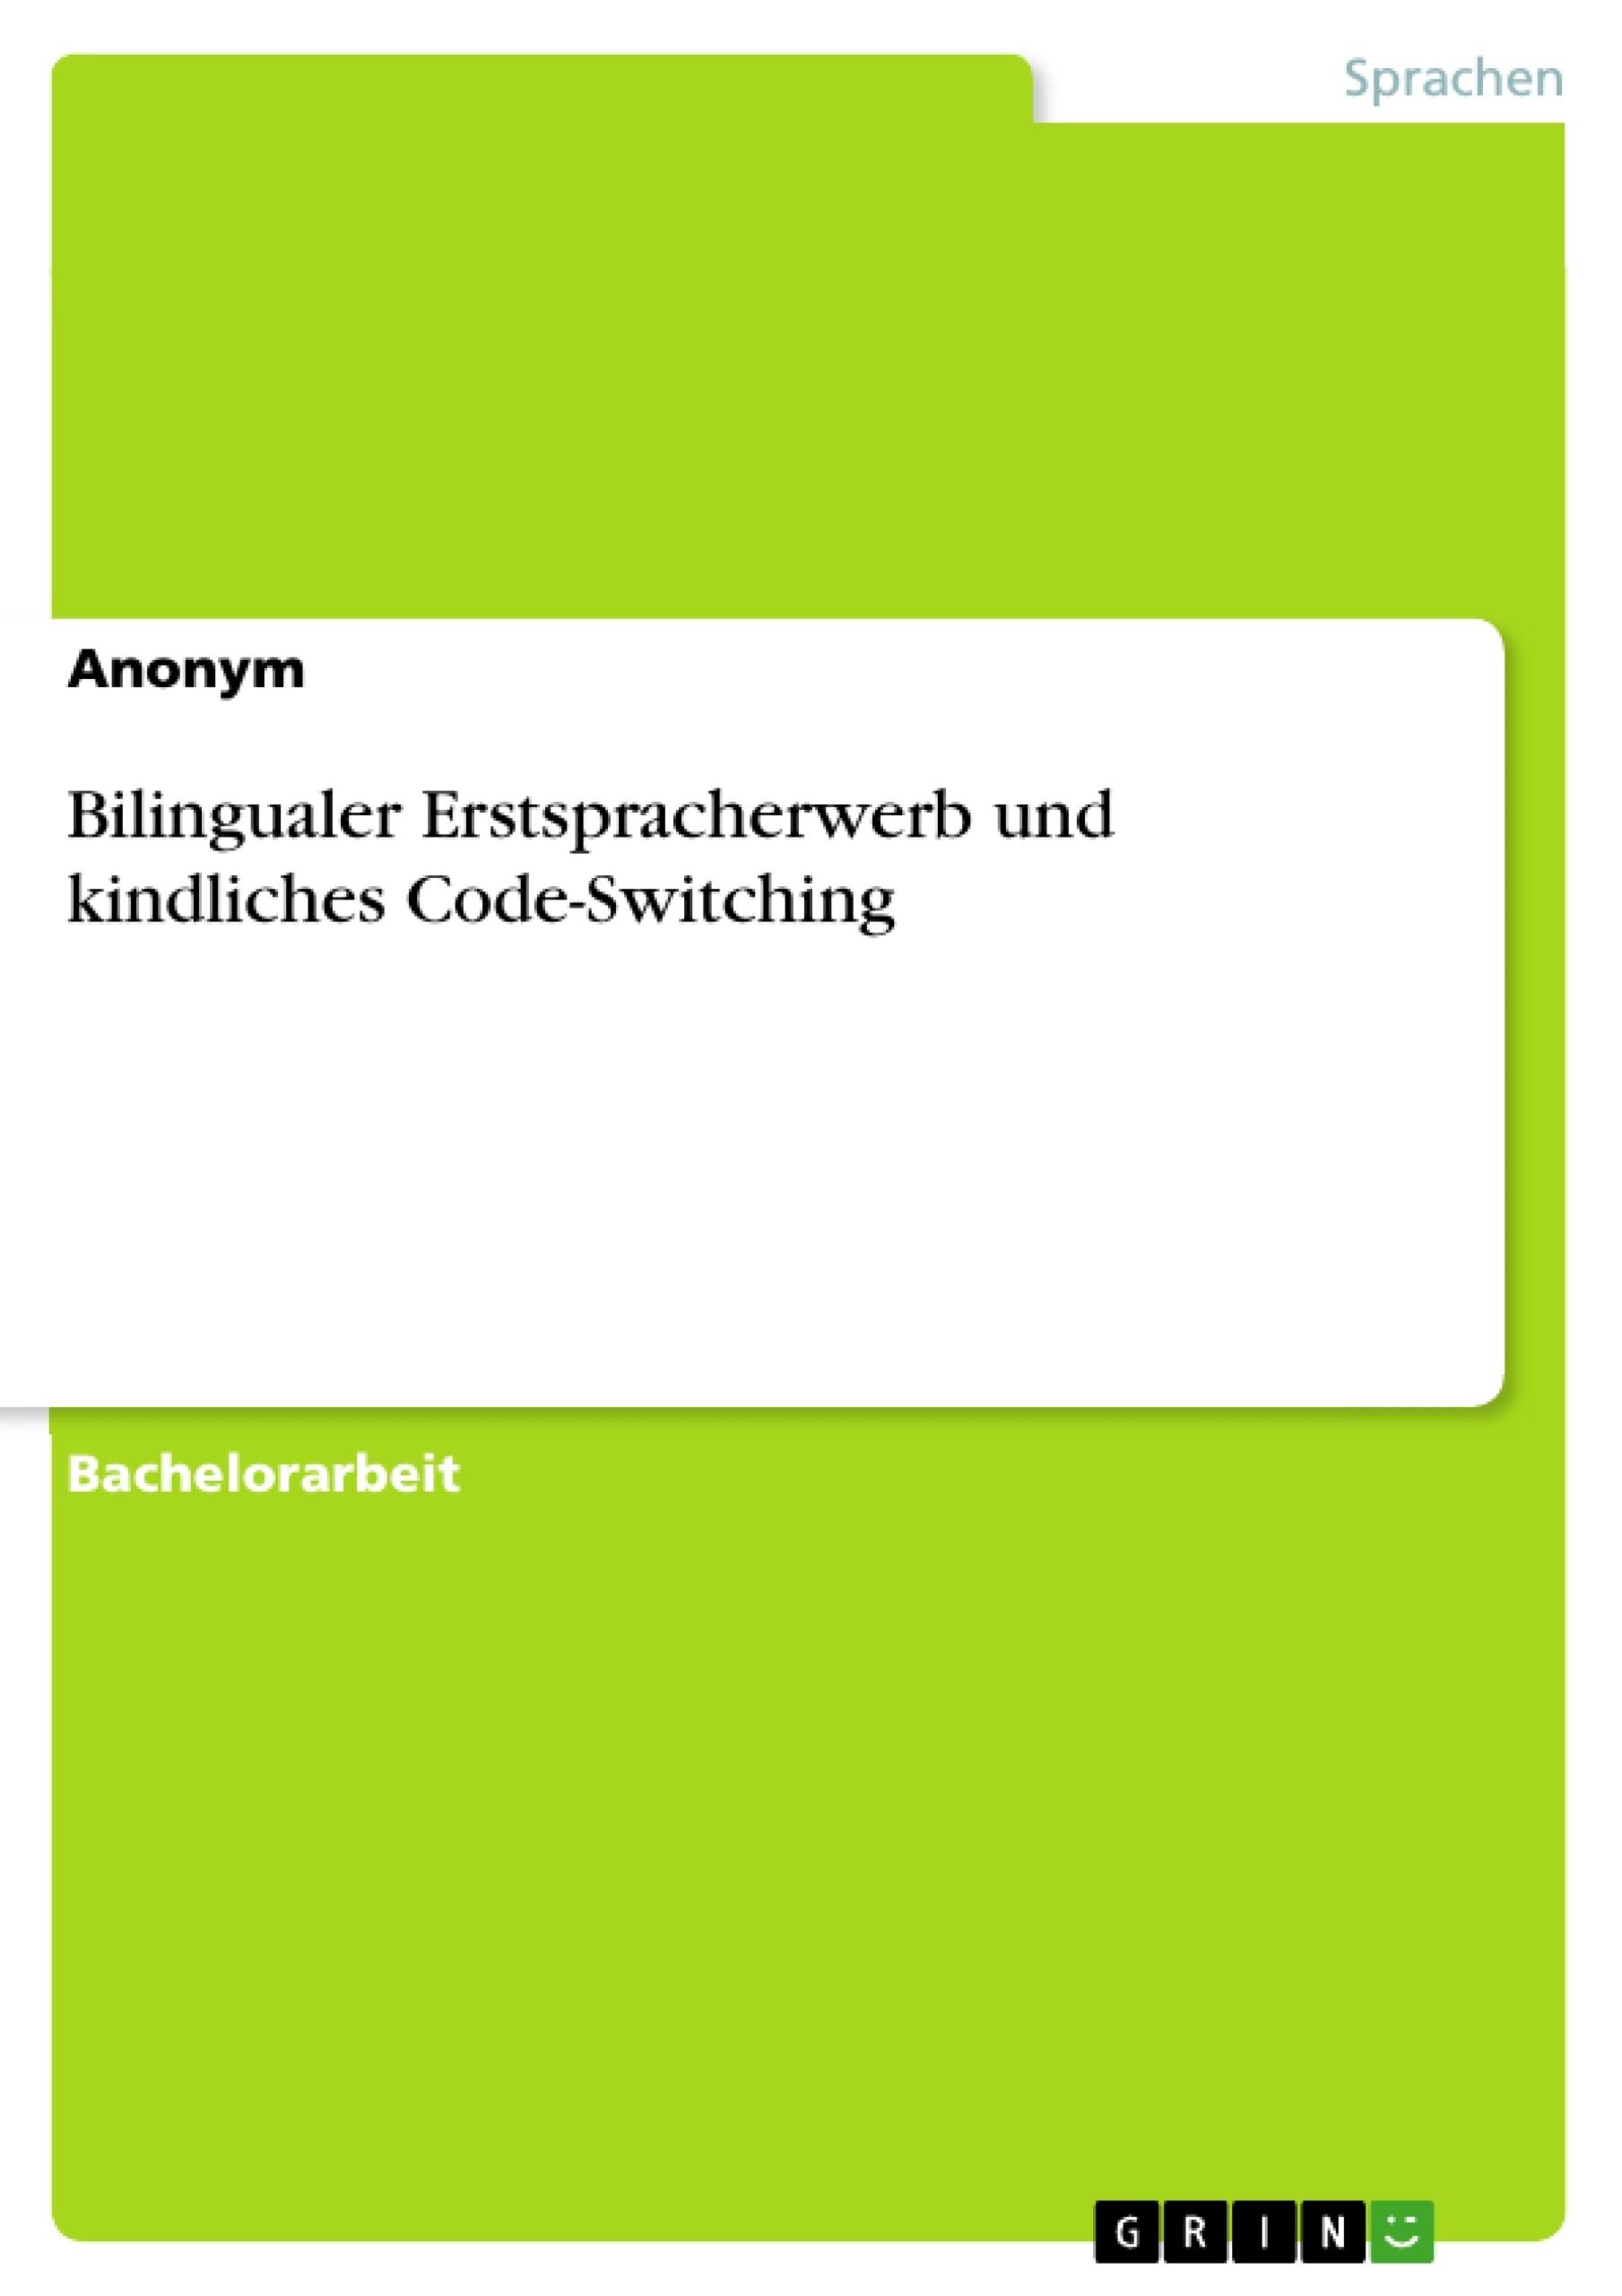 Titel: Bilingualer Erstspracherwerb und kindliches Code-Switching